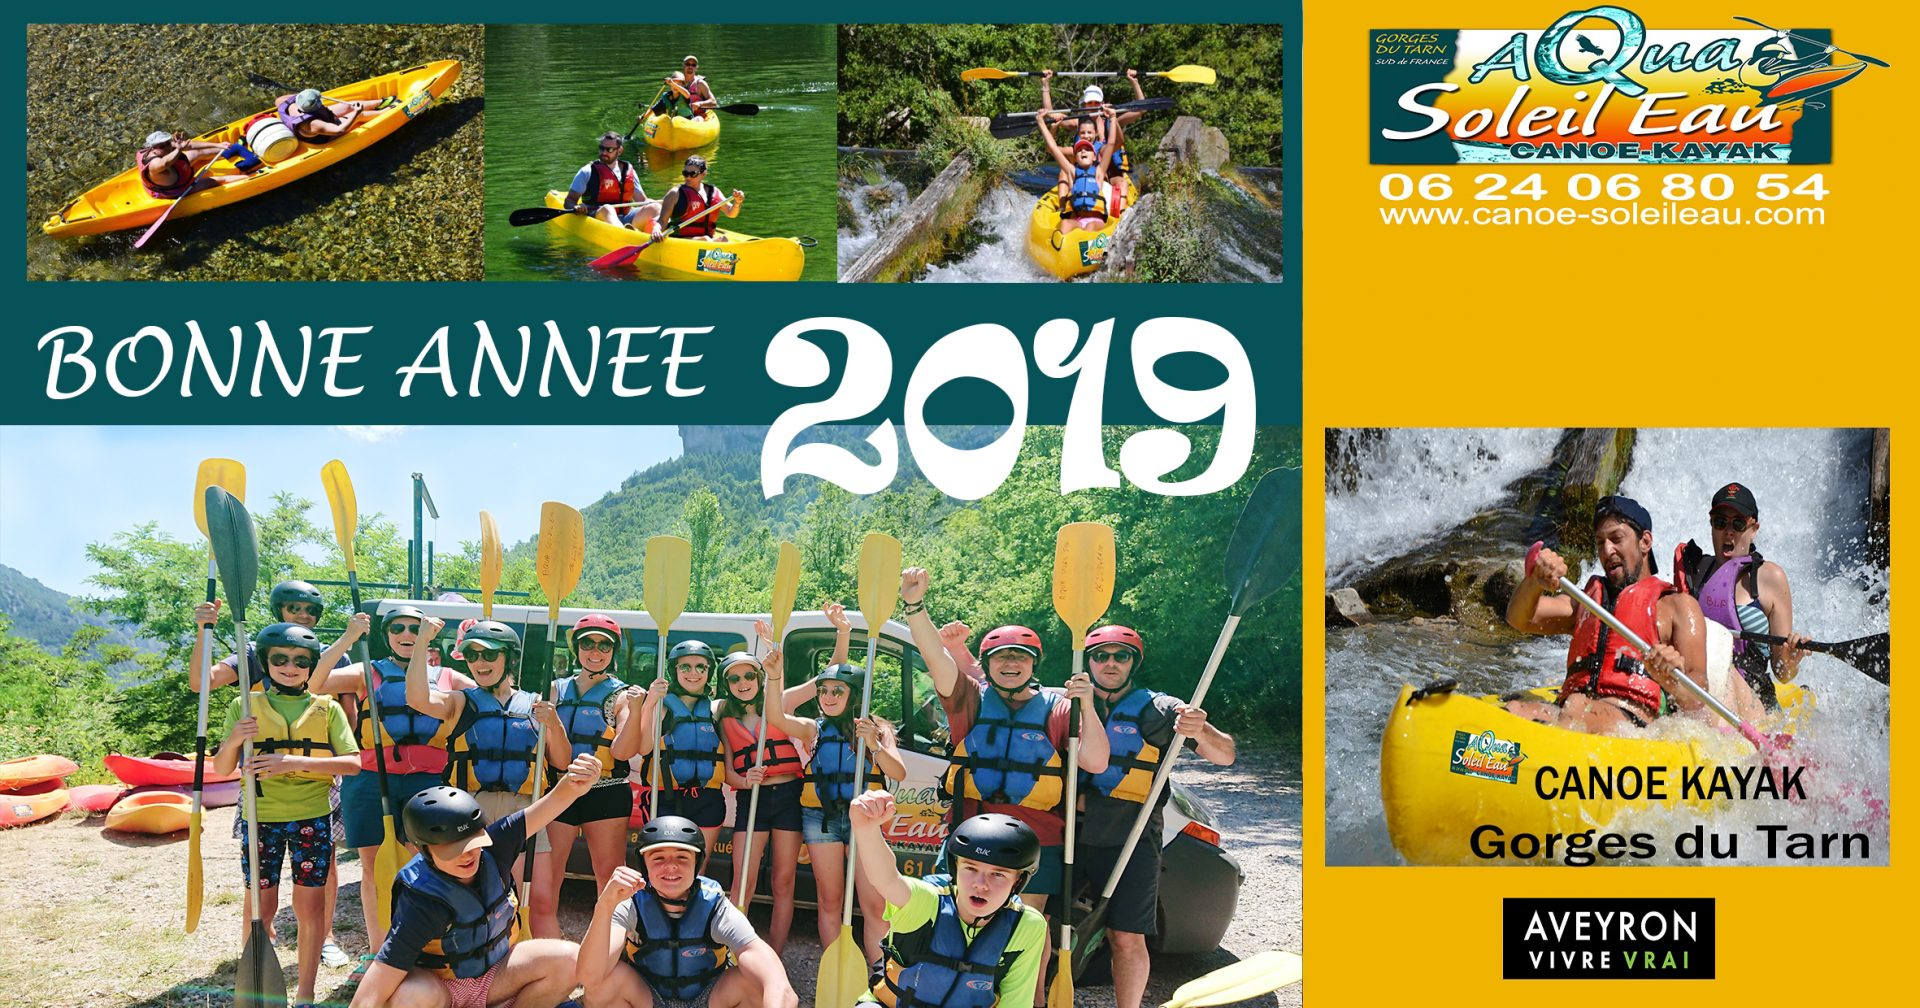 Bonne année 2019 et descente en canoe dans les Gorges du Tarn au coeur de l'Aveyro